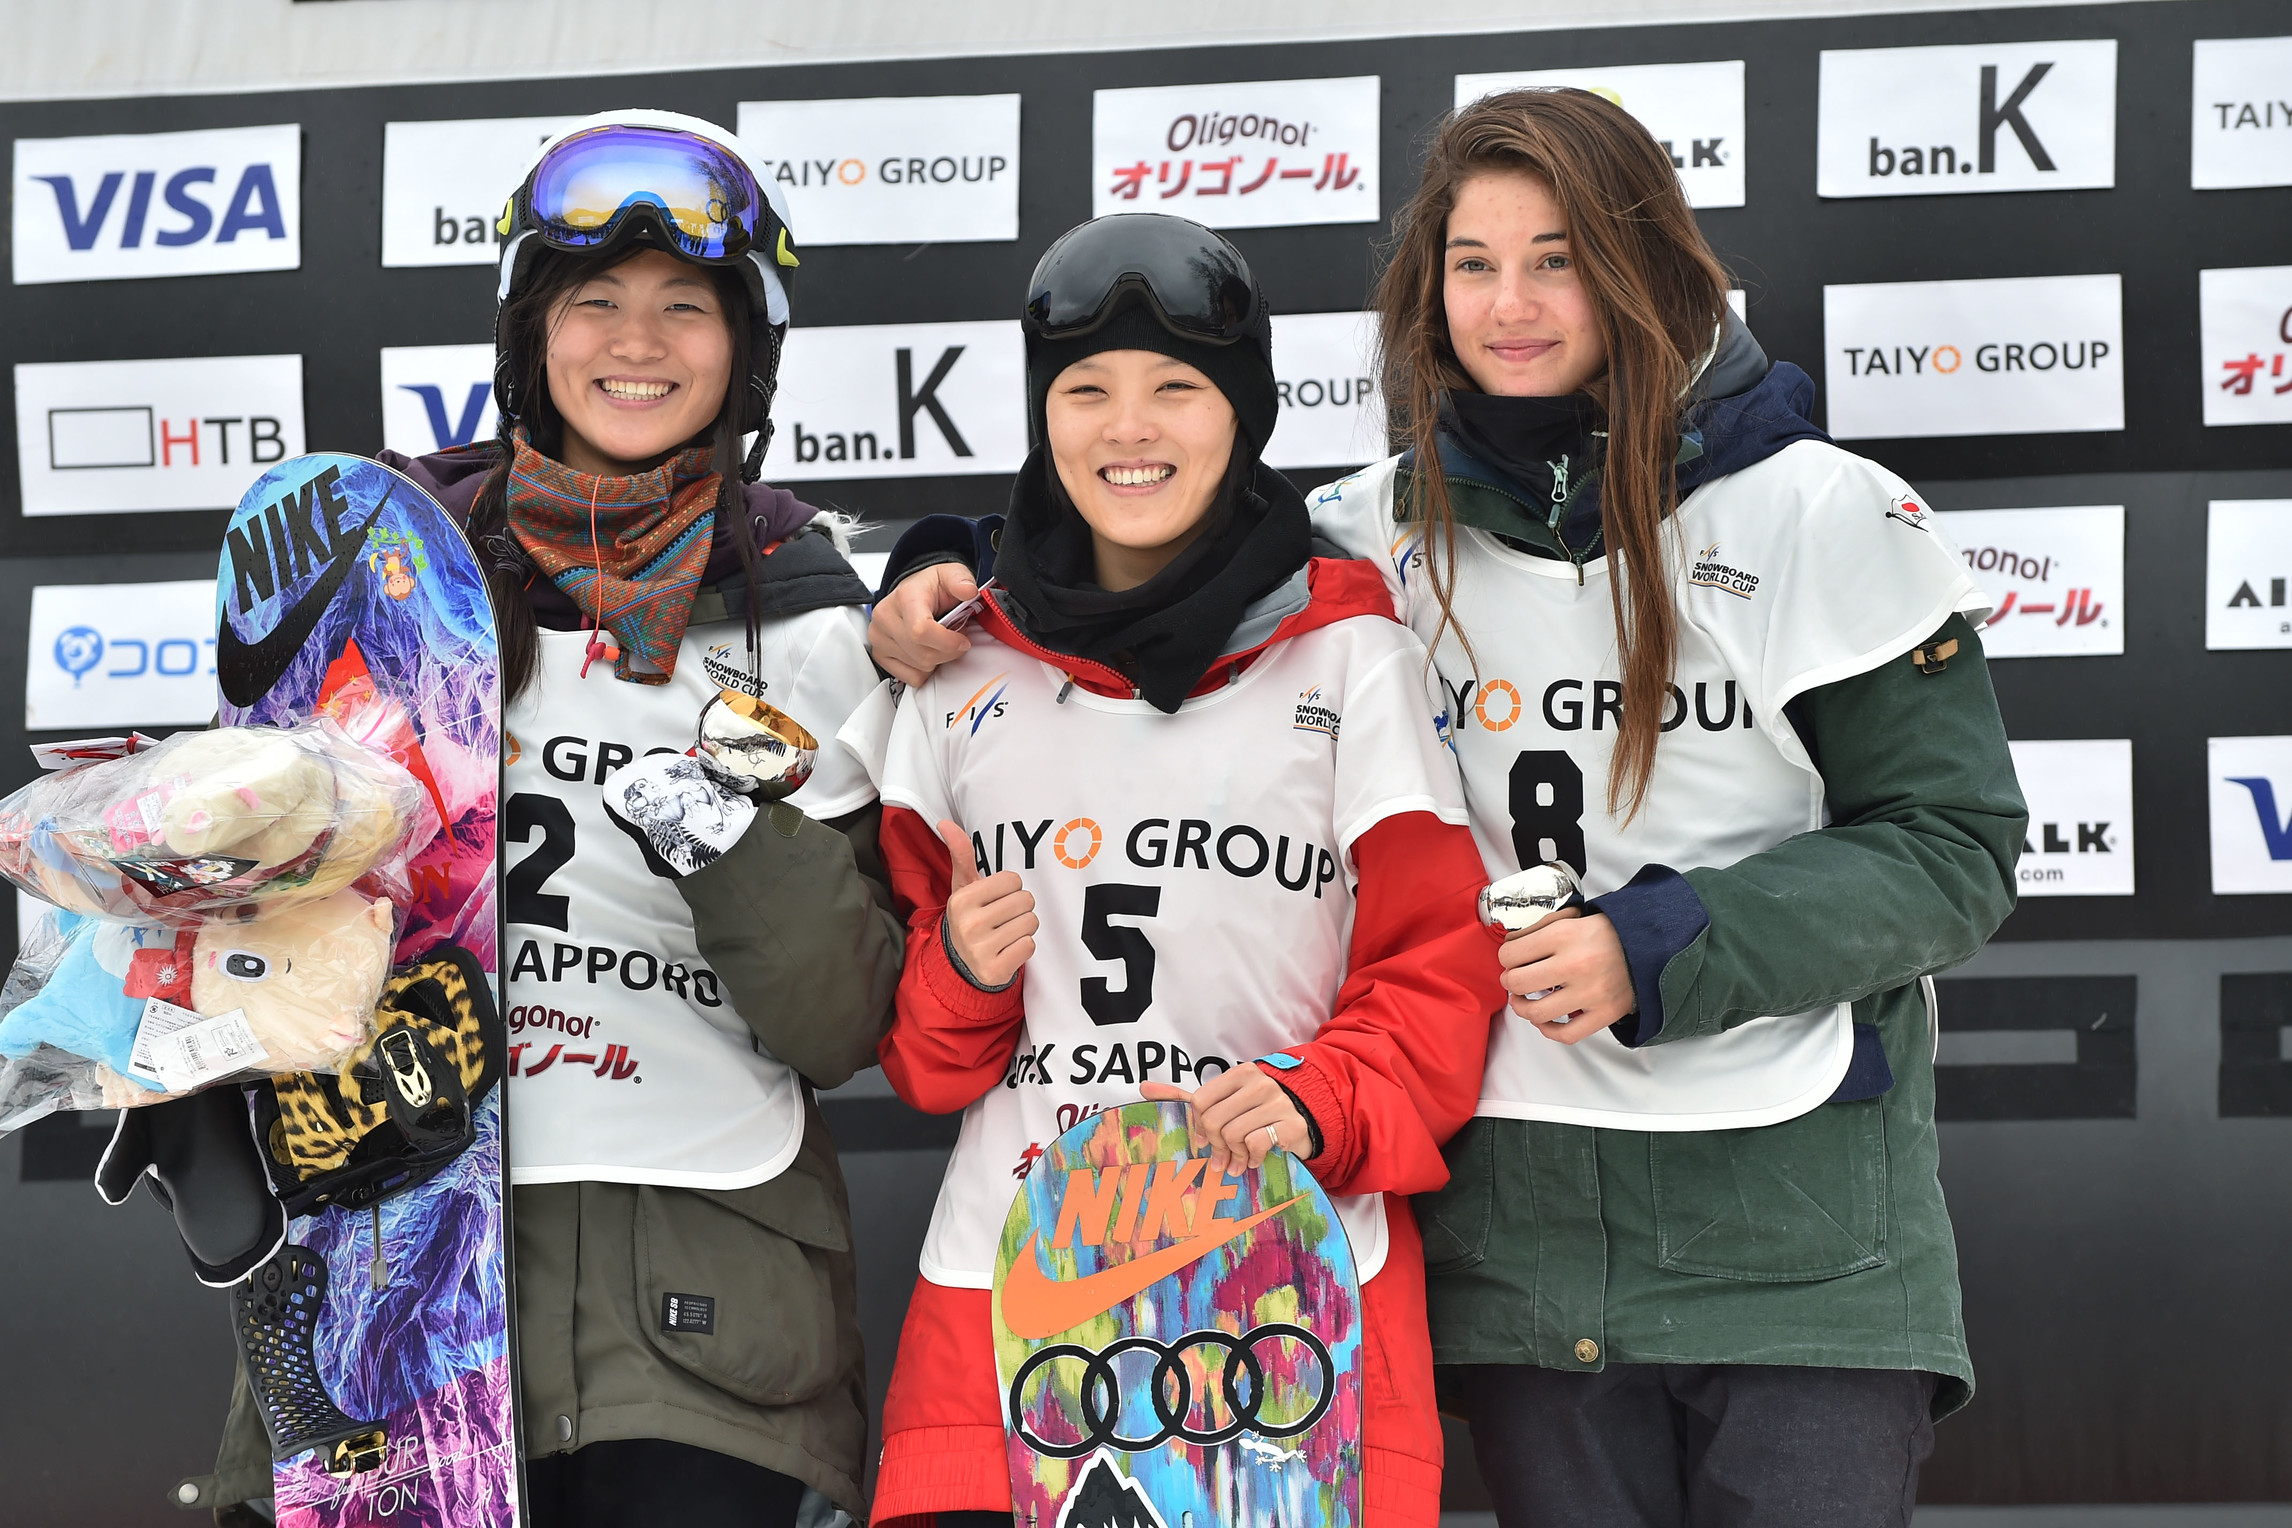 Podio Halfpipe World Cup Sapporo 2016